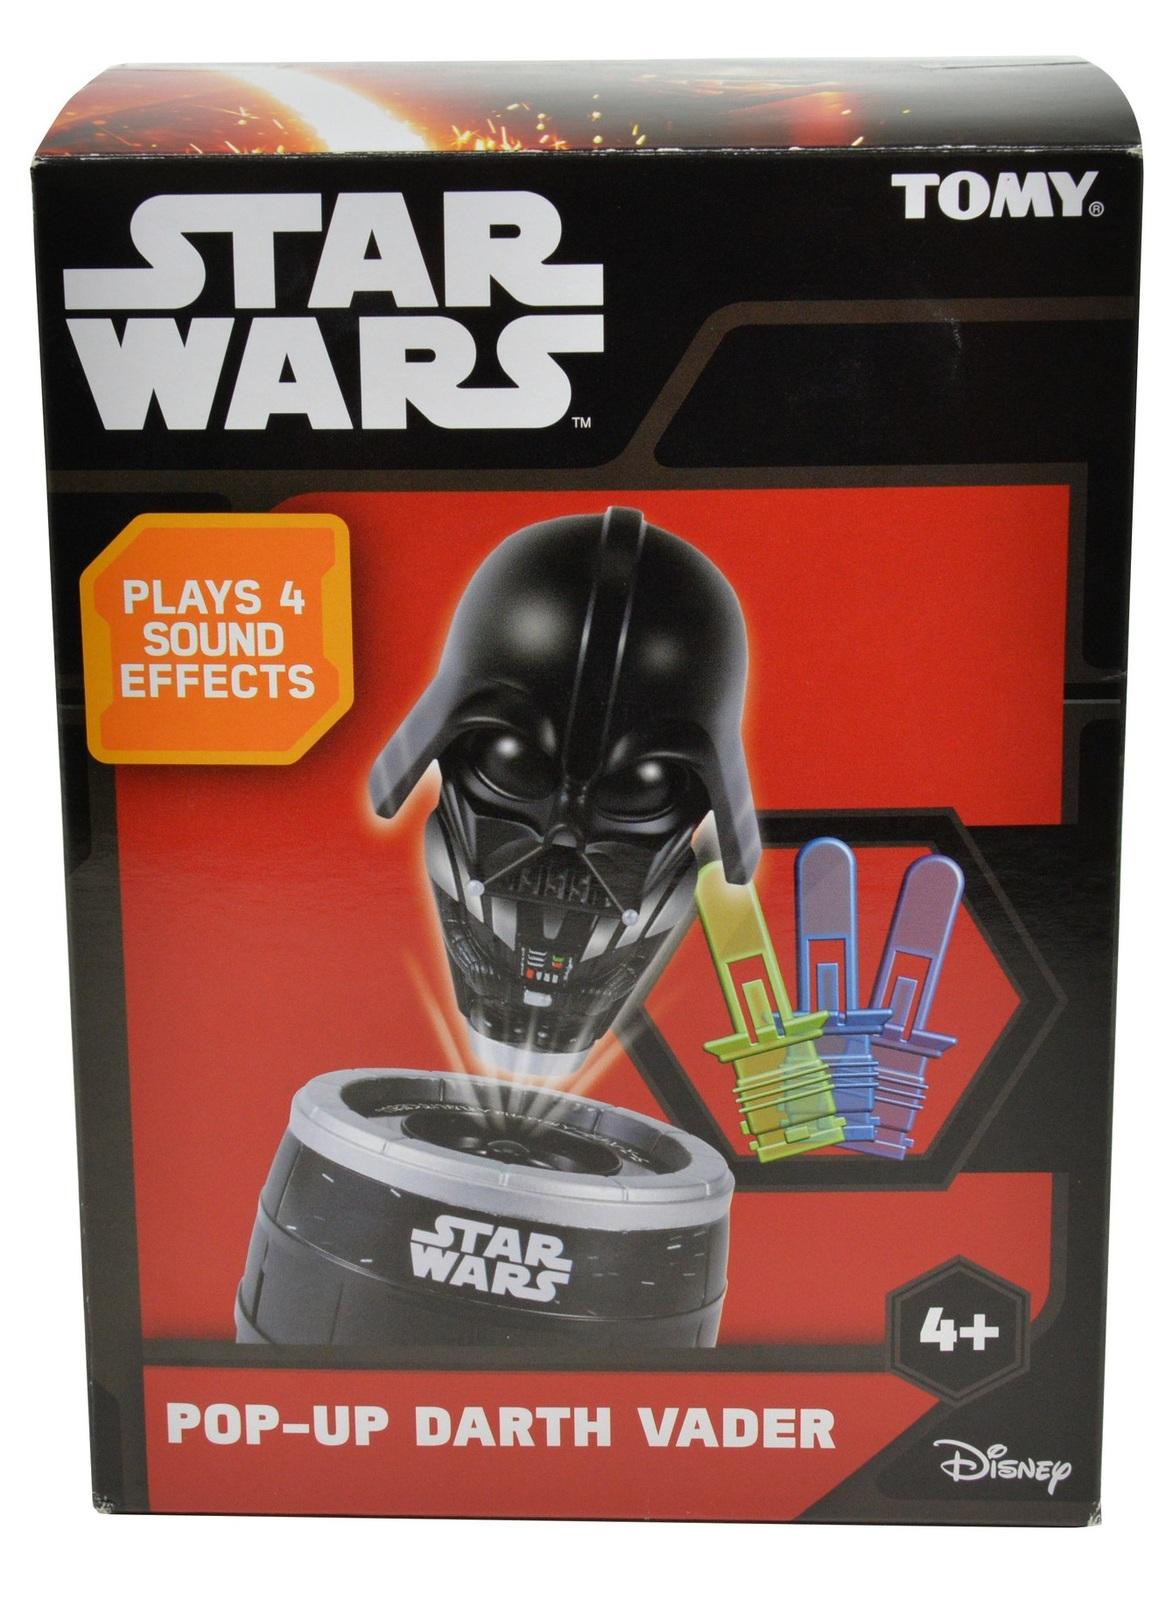 Tomy Star Wars: Pop Up Darth Vader Game - (AU Ver.) image